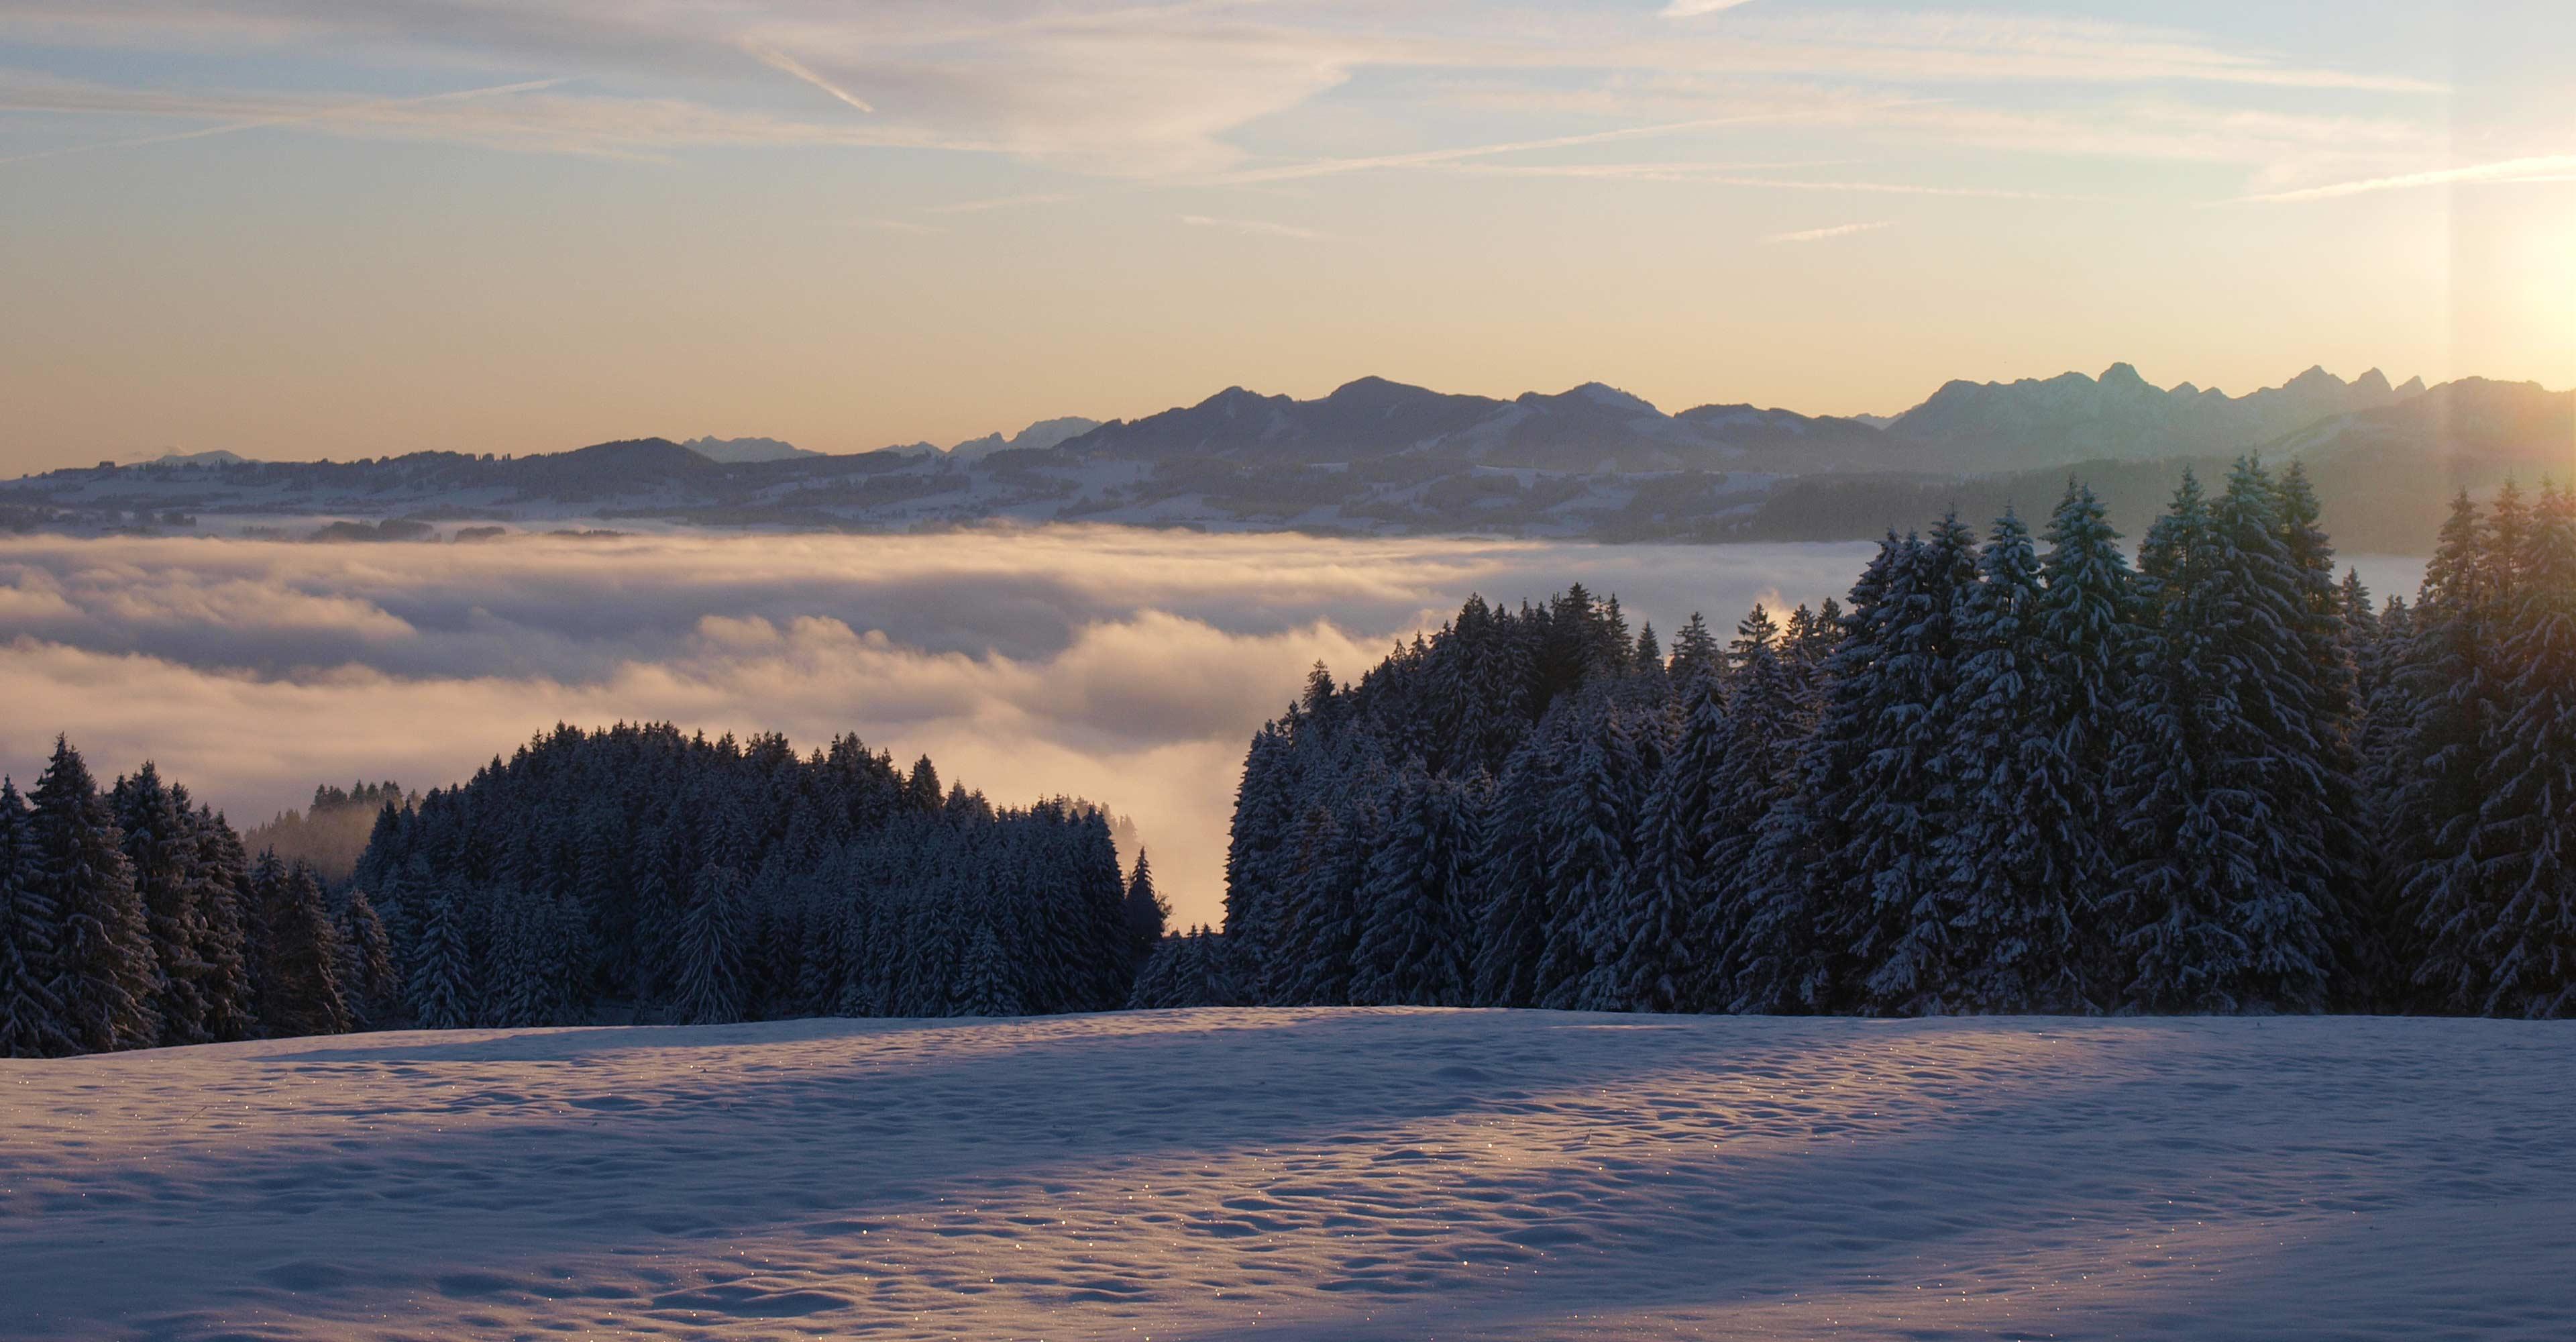 Wald mit schneebedeckten Bergen